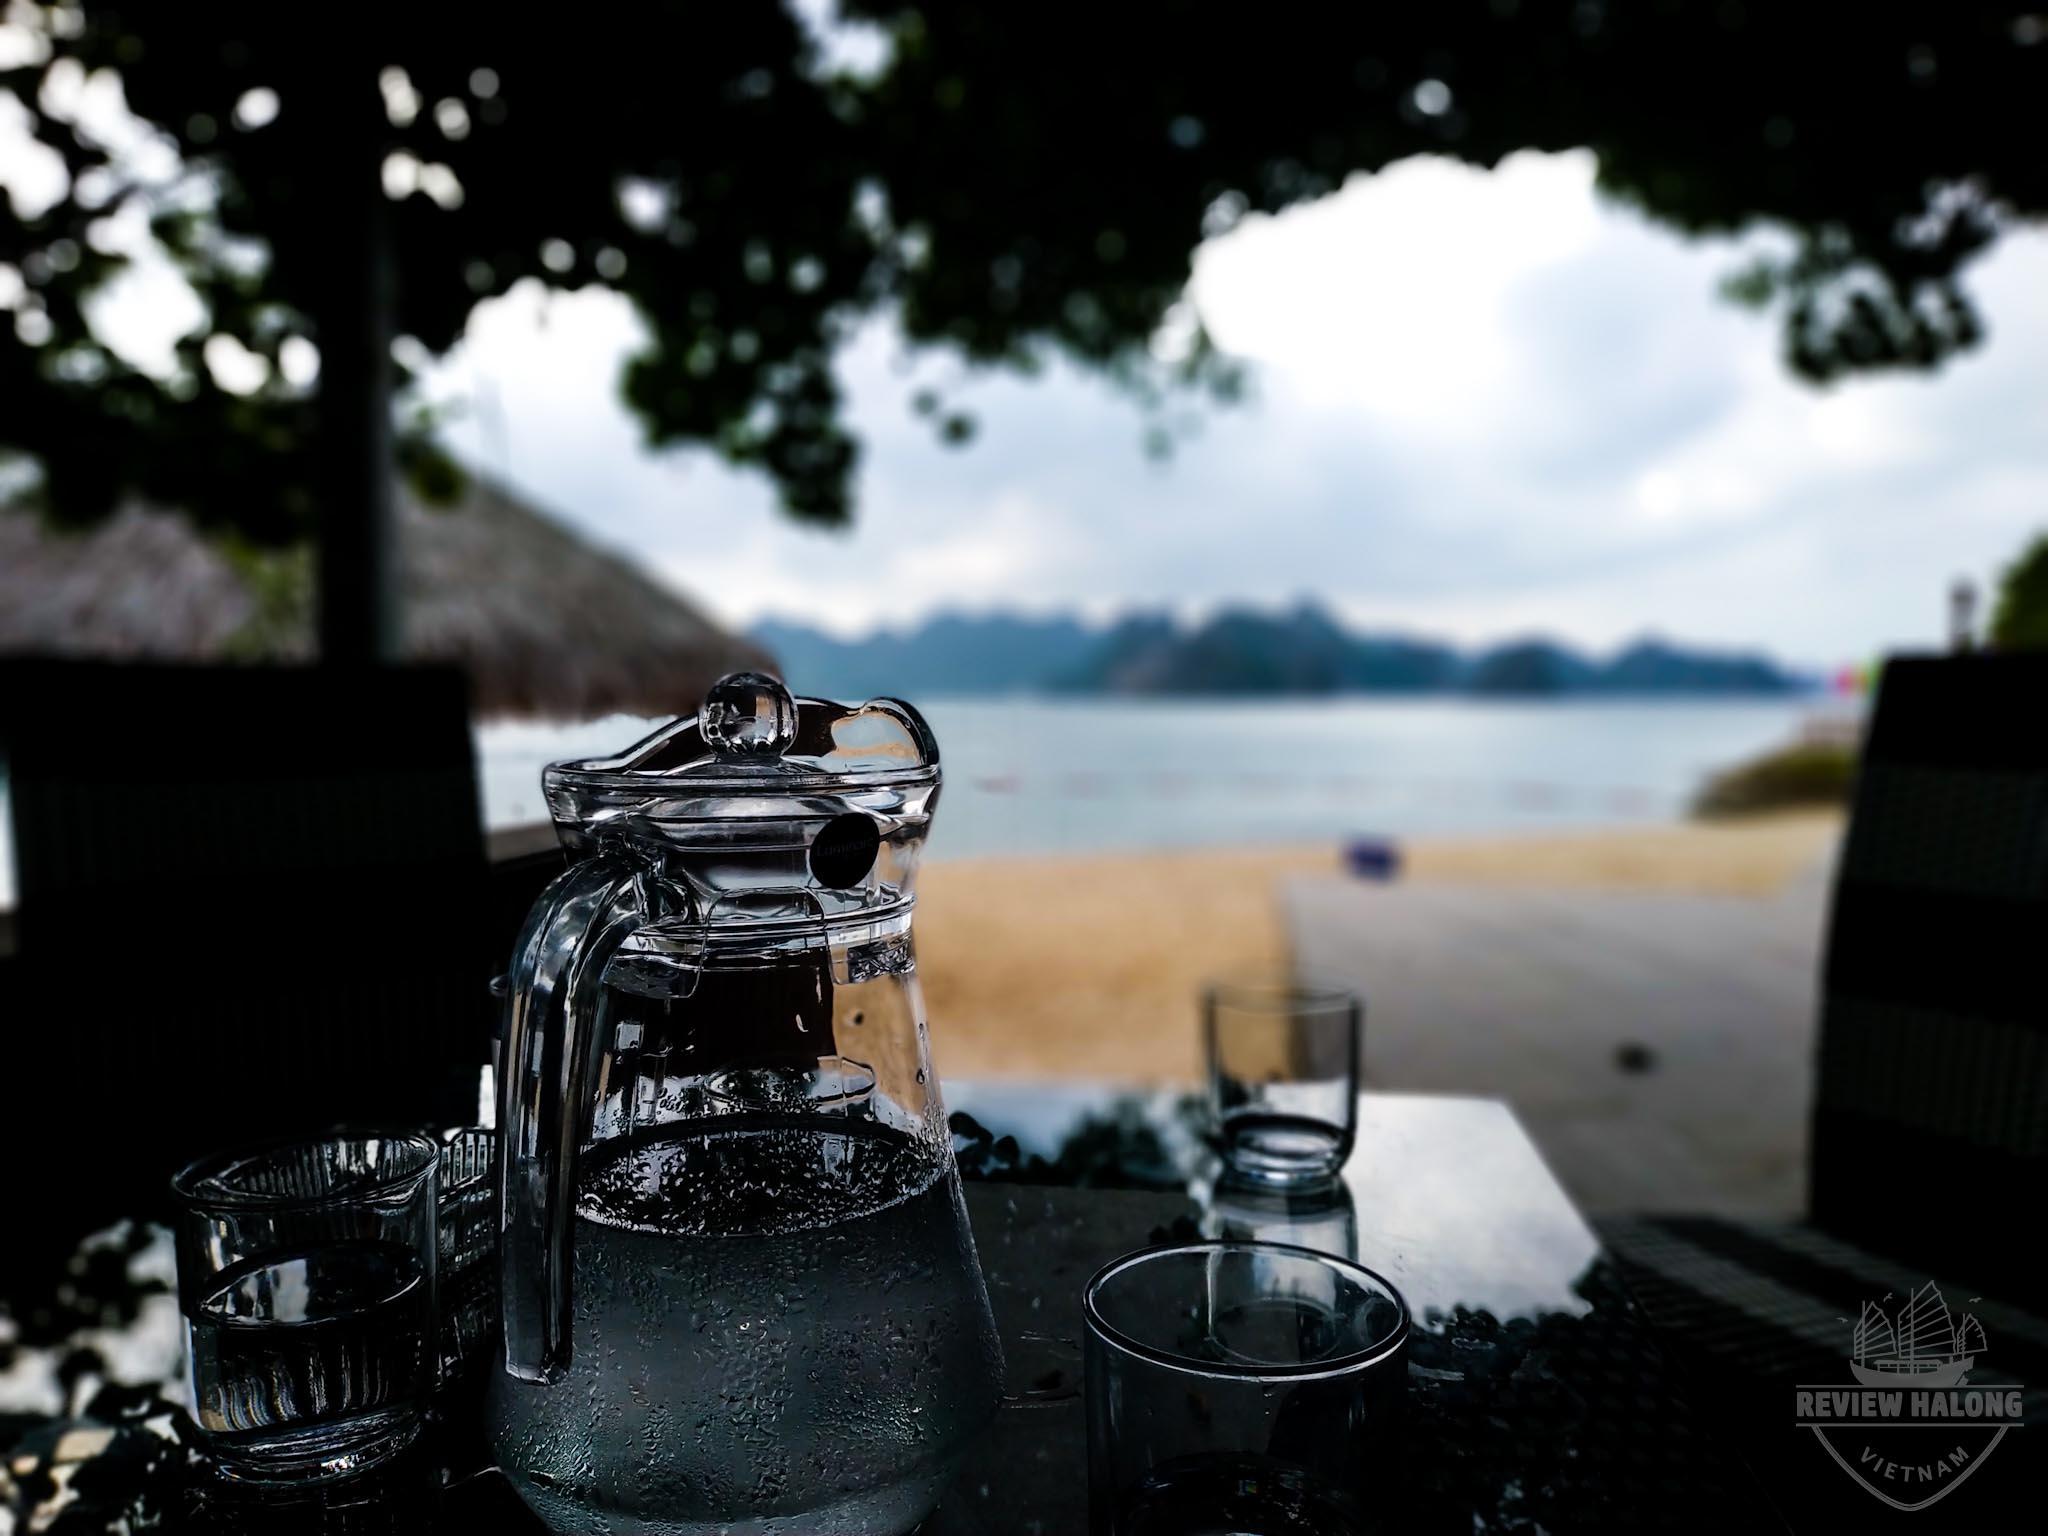 Cafe sáng với biển đảo Soi Sim